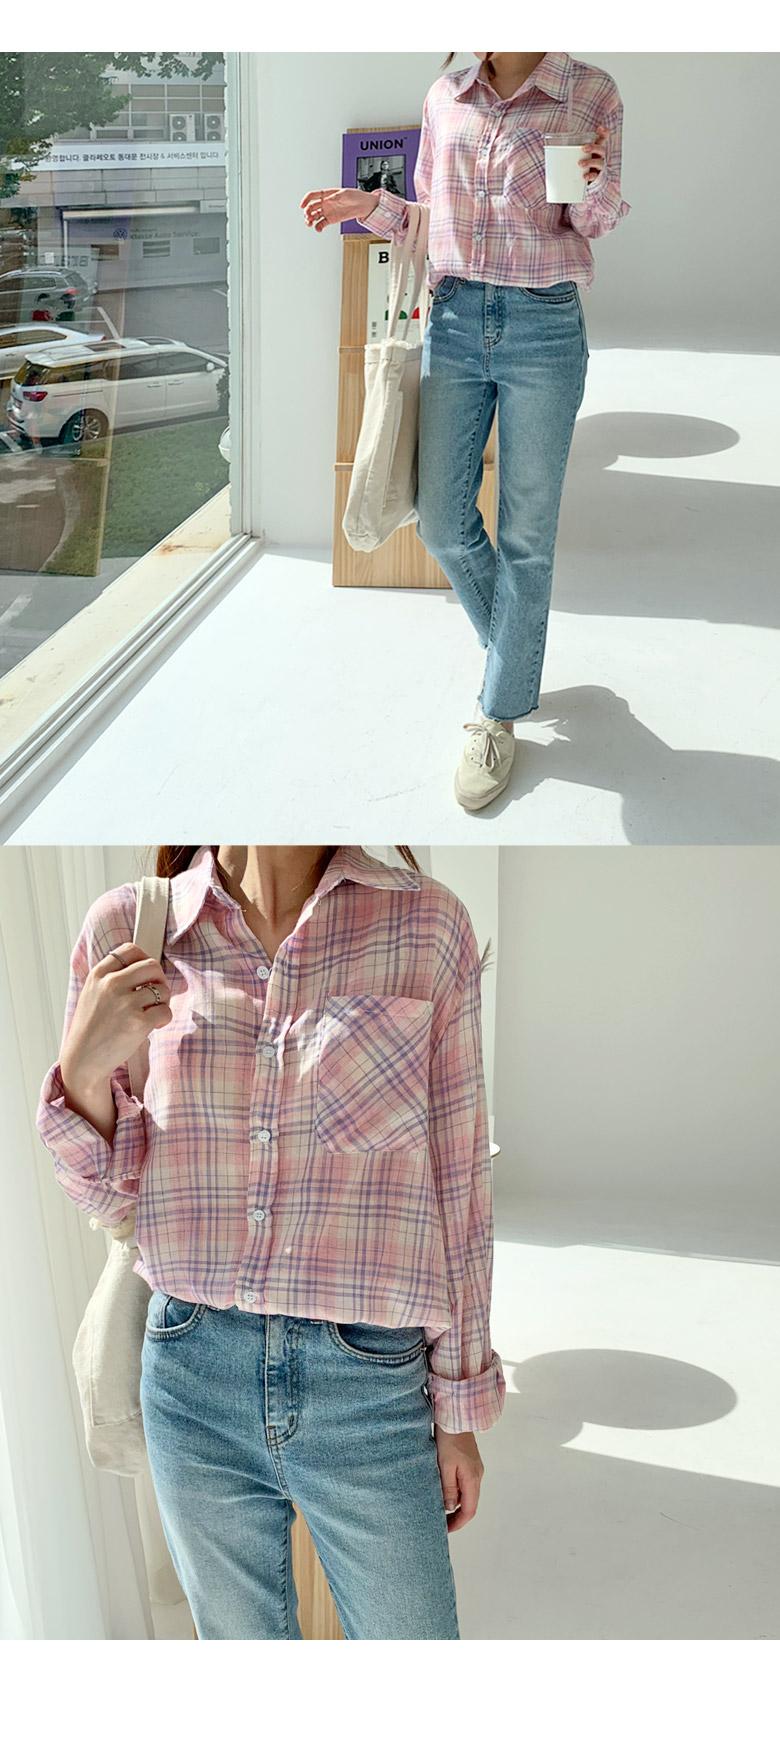 파슬리 체크 셔츠